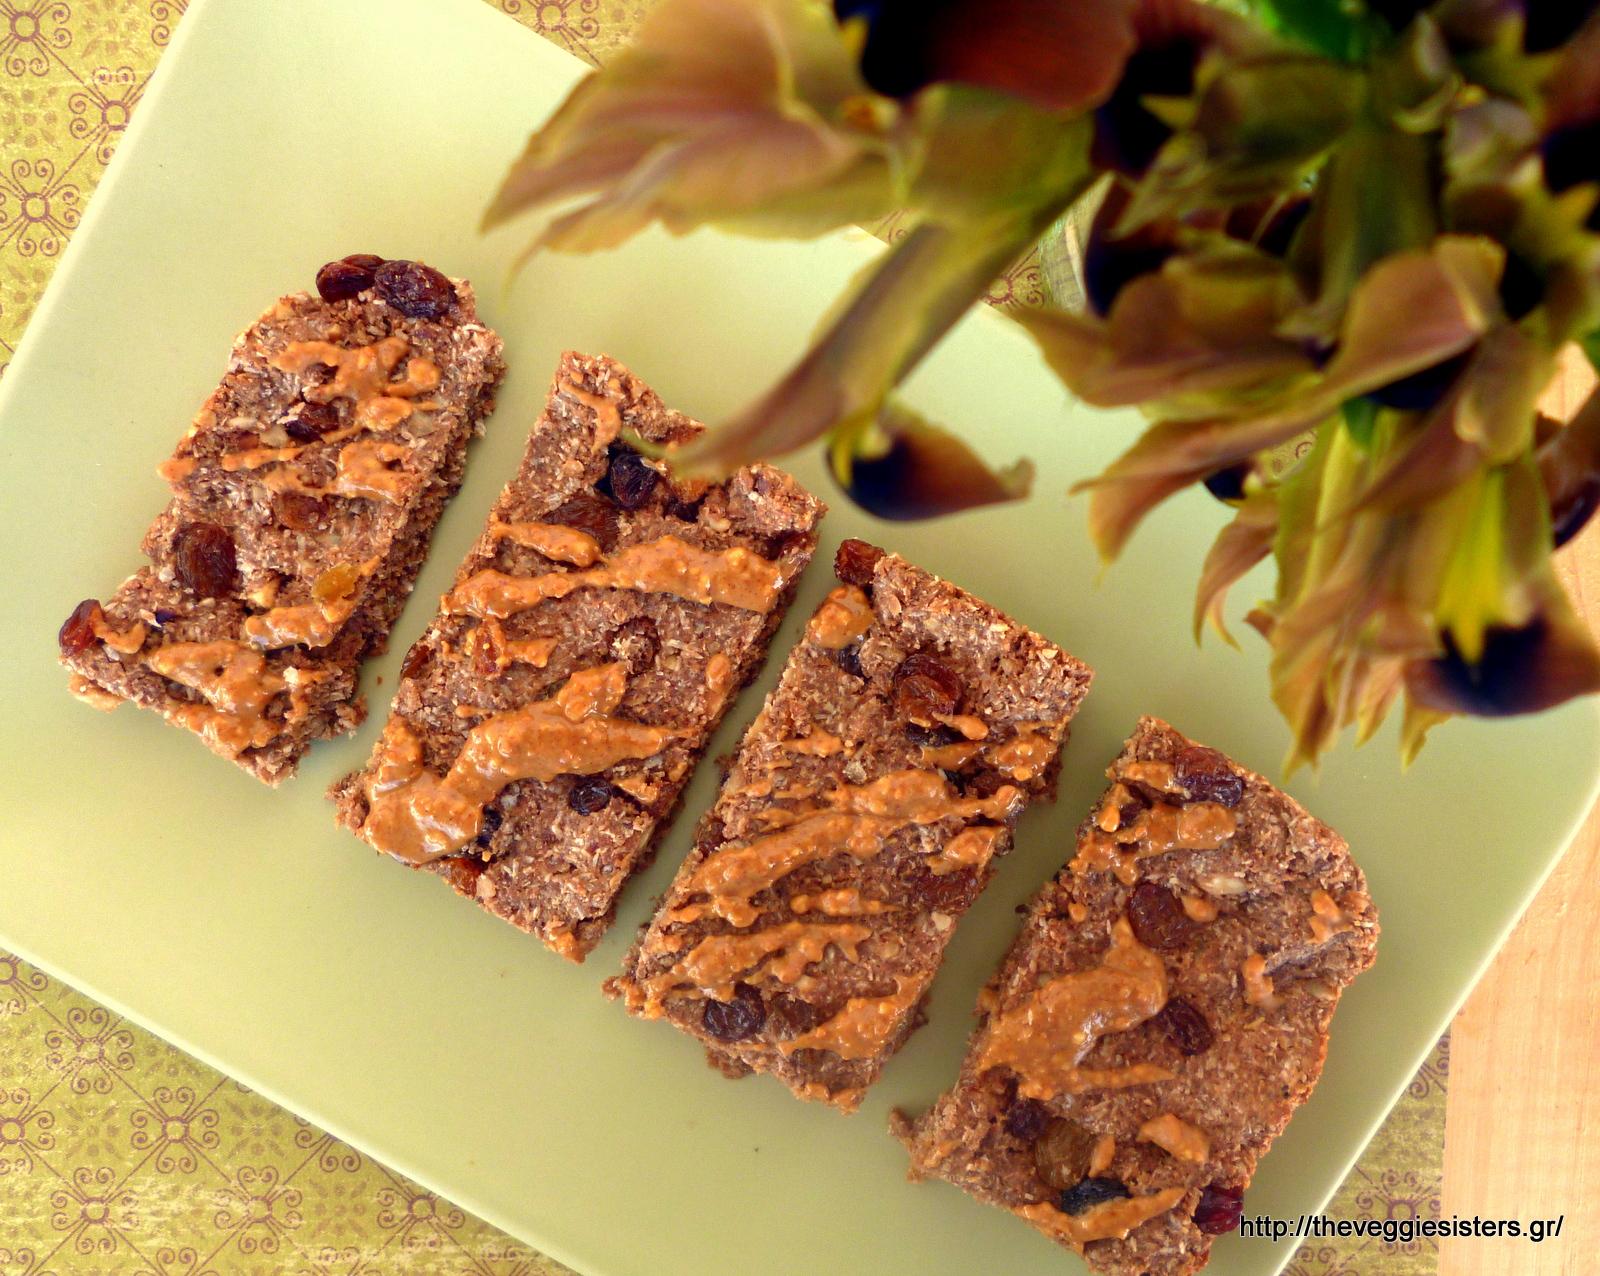 Μπάρες με ταχίνι κ φουντούκι - Hazelnut tahini protein bars